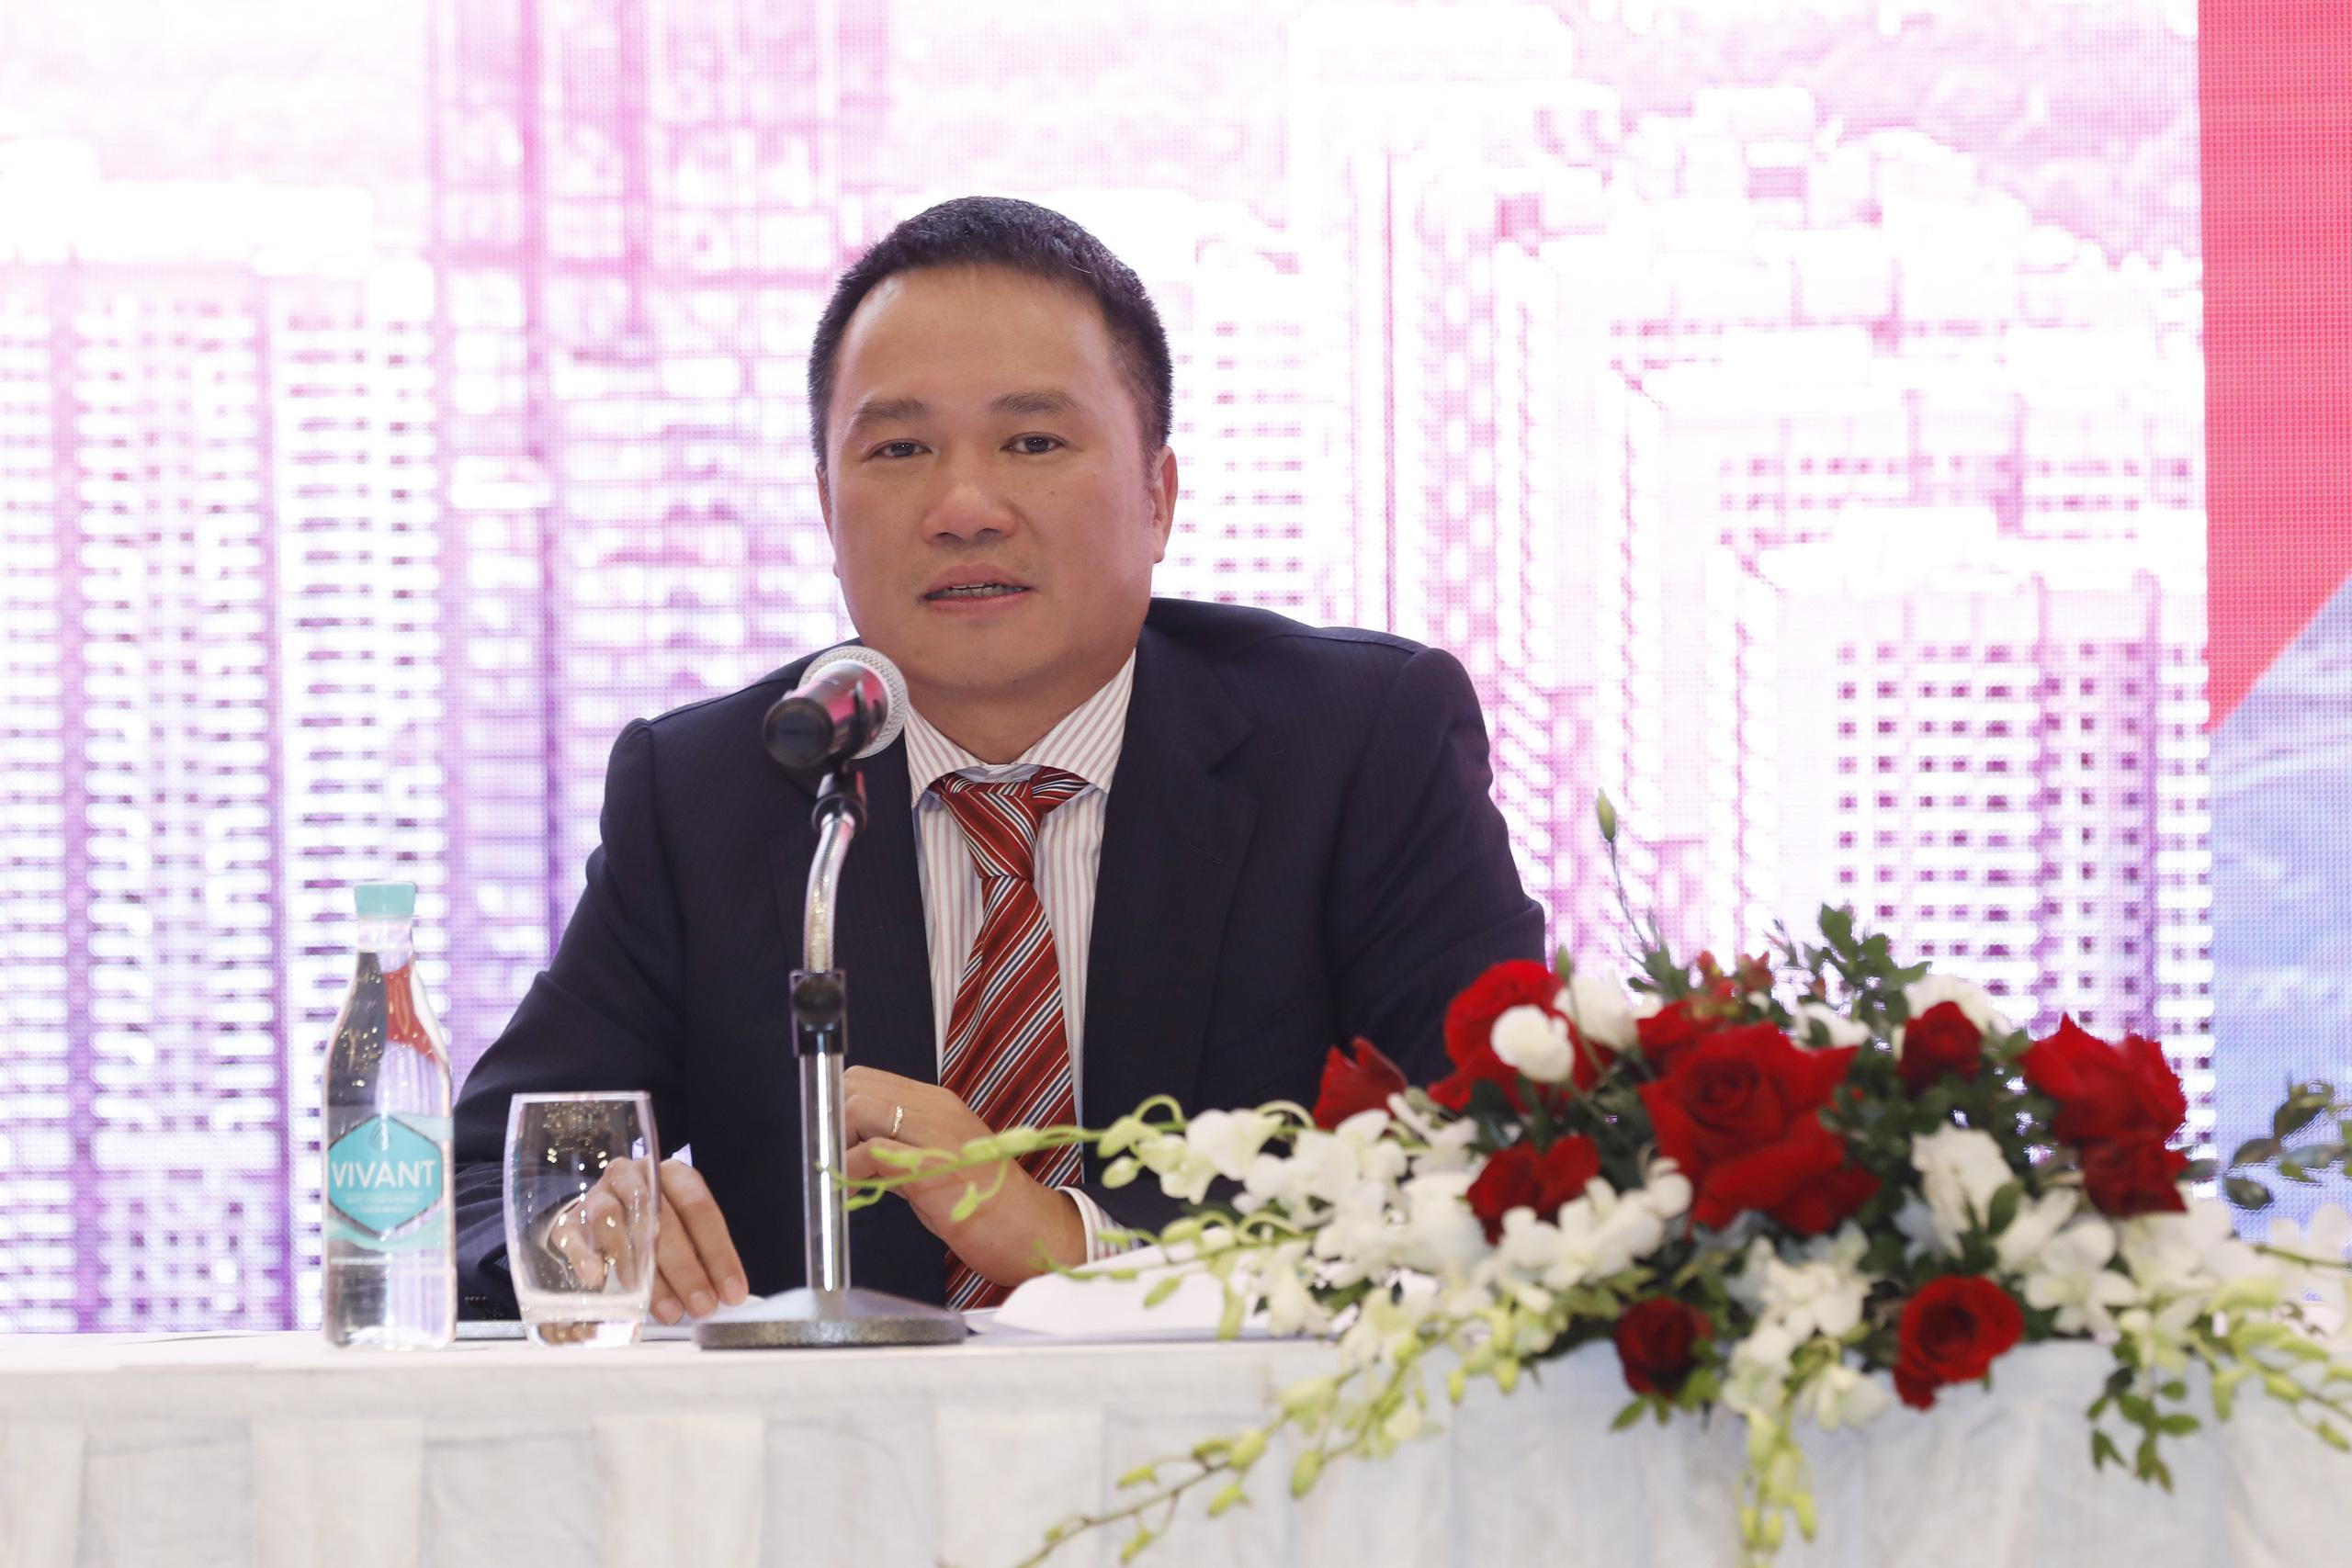 Chủ tịch Hồ Hùng Anh: Thị trường cho vay bất động sản vẫn rất tiềm năng - Ảnh 1.